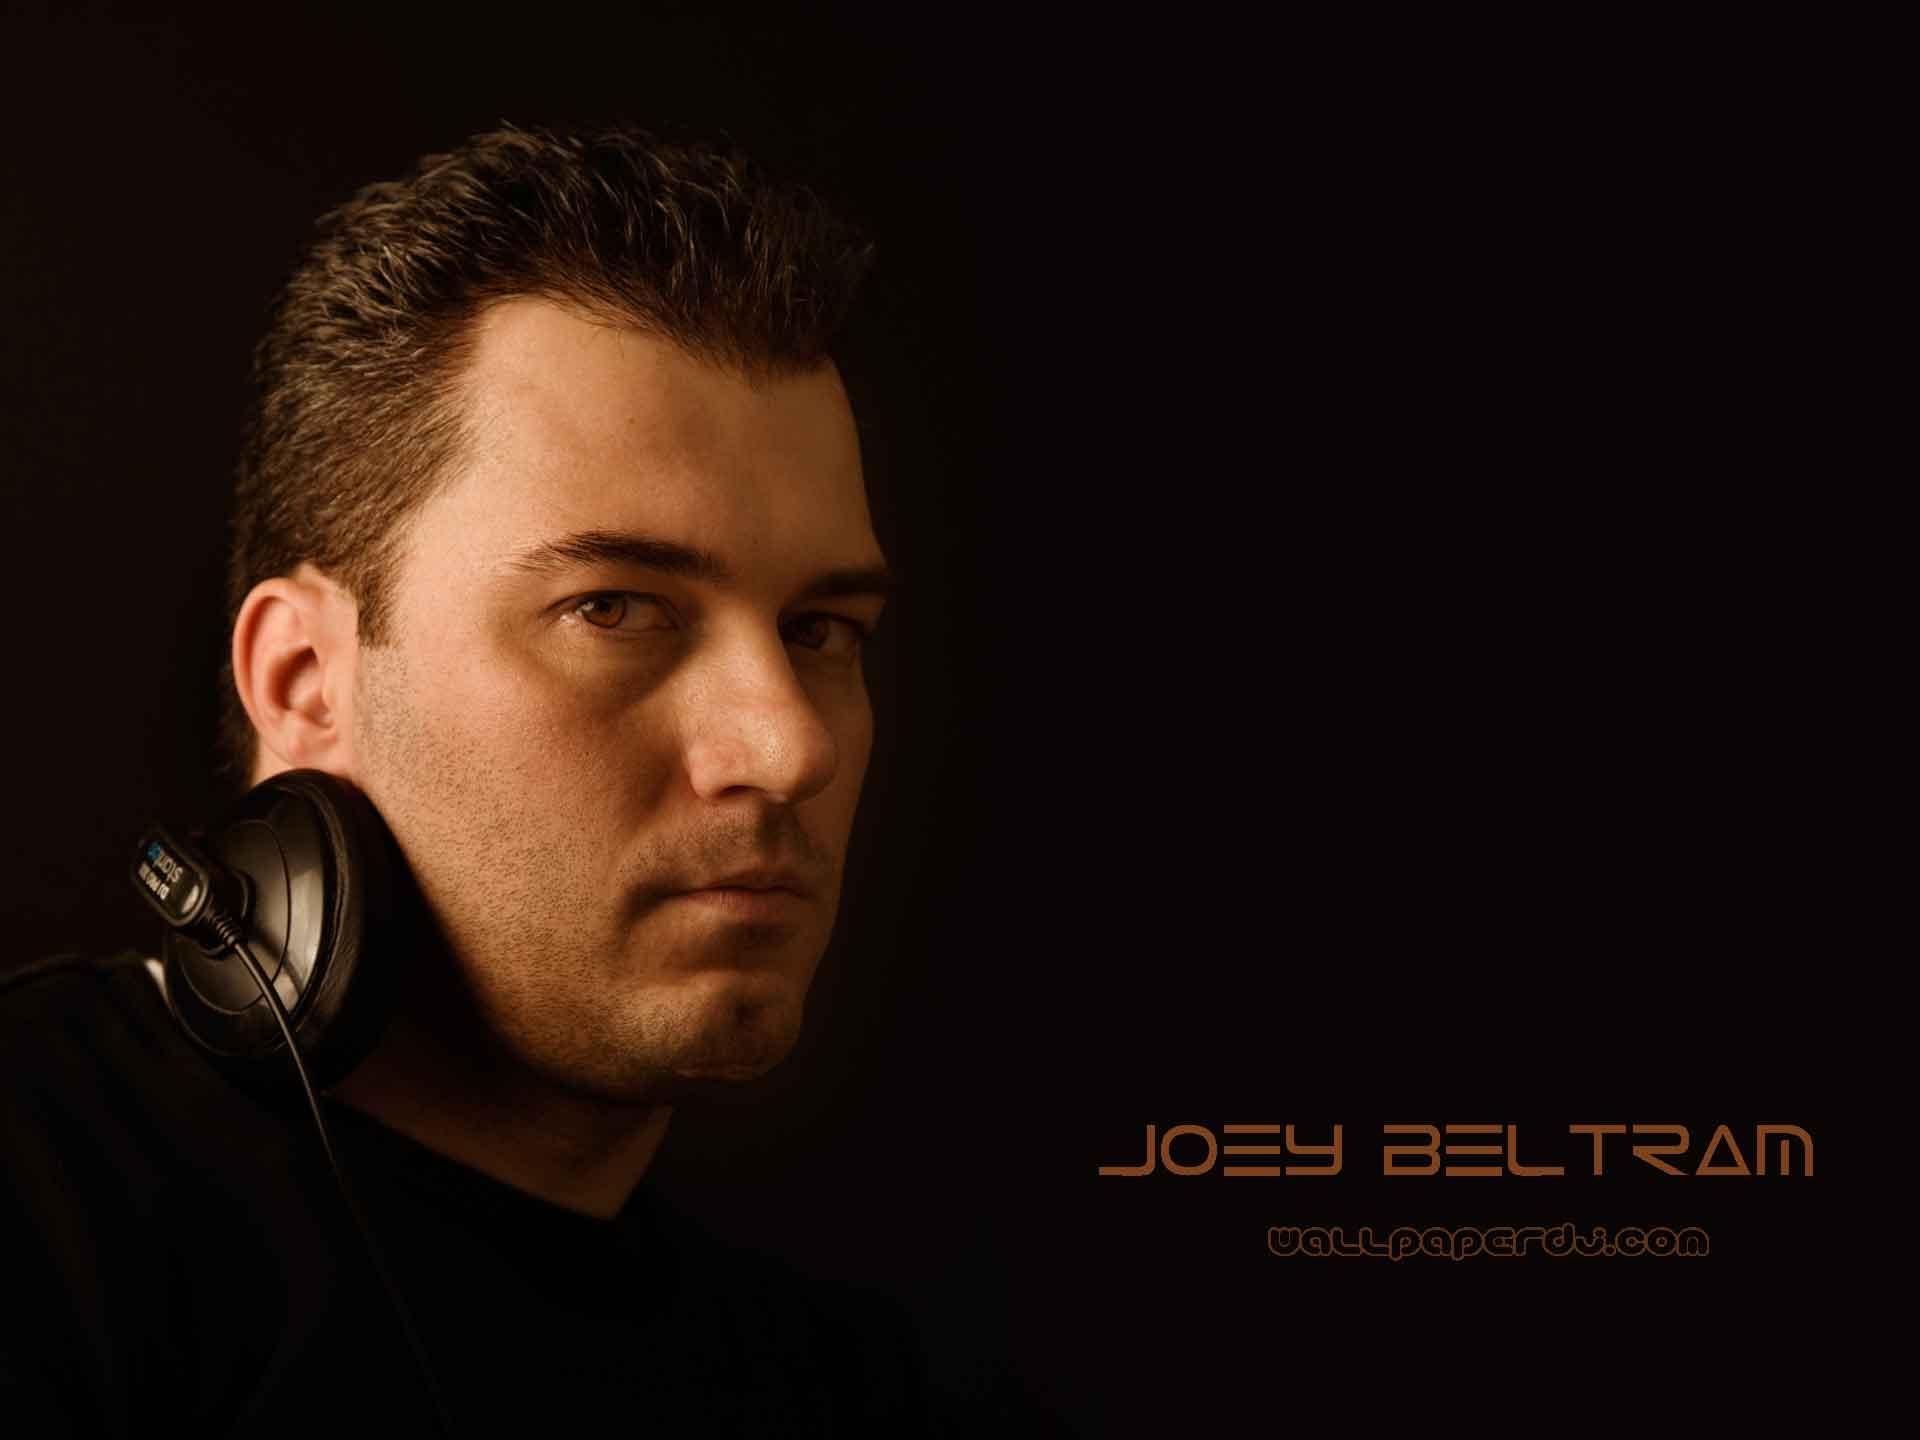 Joey Beltram – Uncut Exclusive Interview